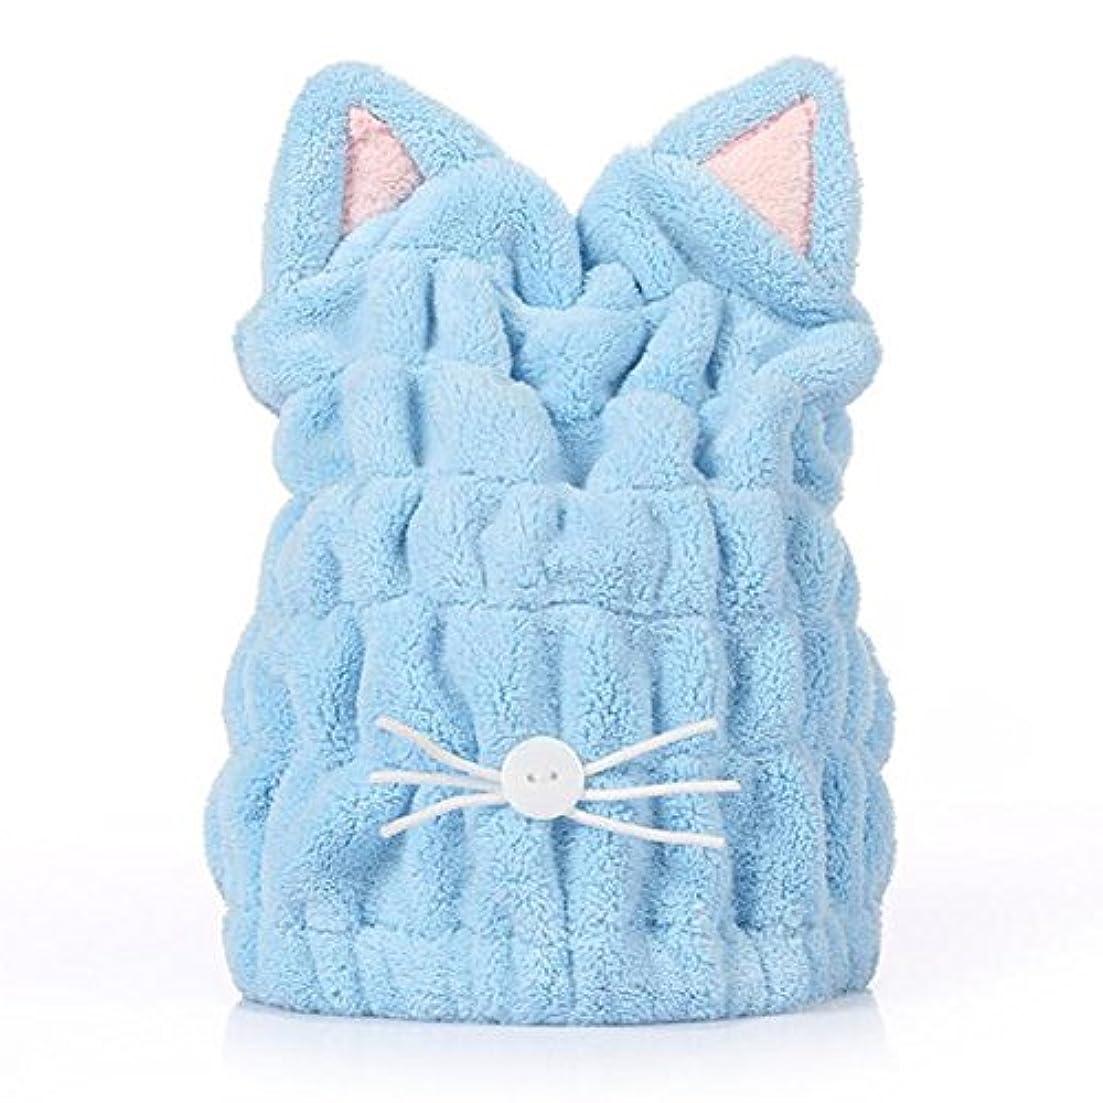 請う気怠い粘土タオルキャップ 猫耳 ヘアドライキャップ 吸水 乾燥用 お風呂用 マイクロファイバー 可愛い (ブルー)